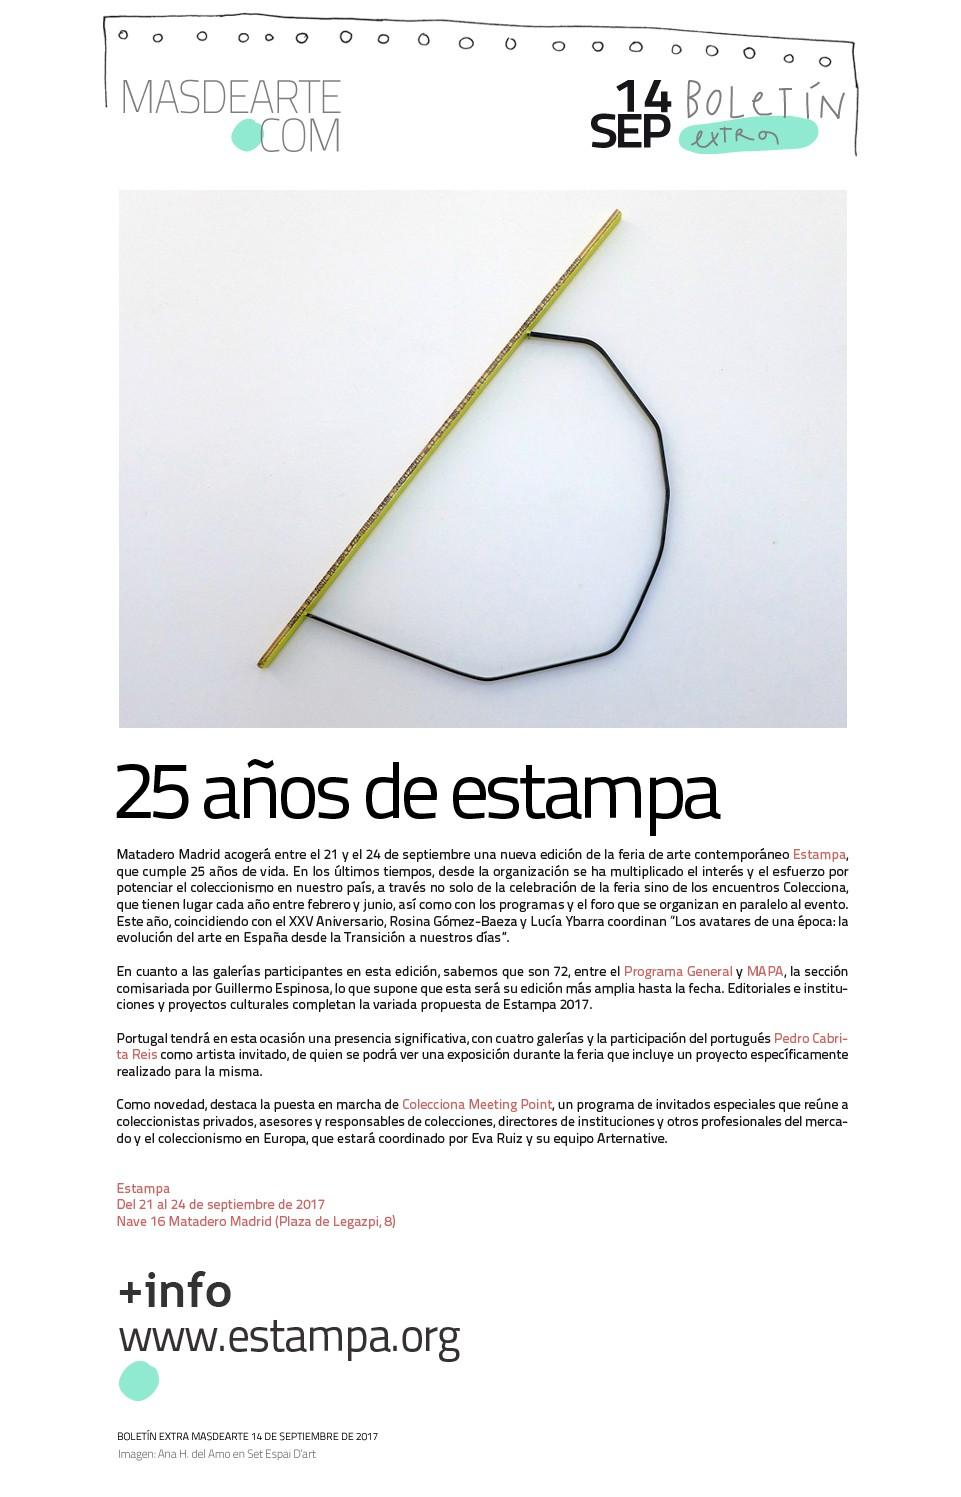 Estampa celebra sus 25 años de vida y su compromiso con  el coleccionismo en España. Del 21 al 24 de septiembre de 2017.